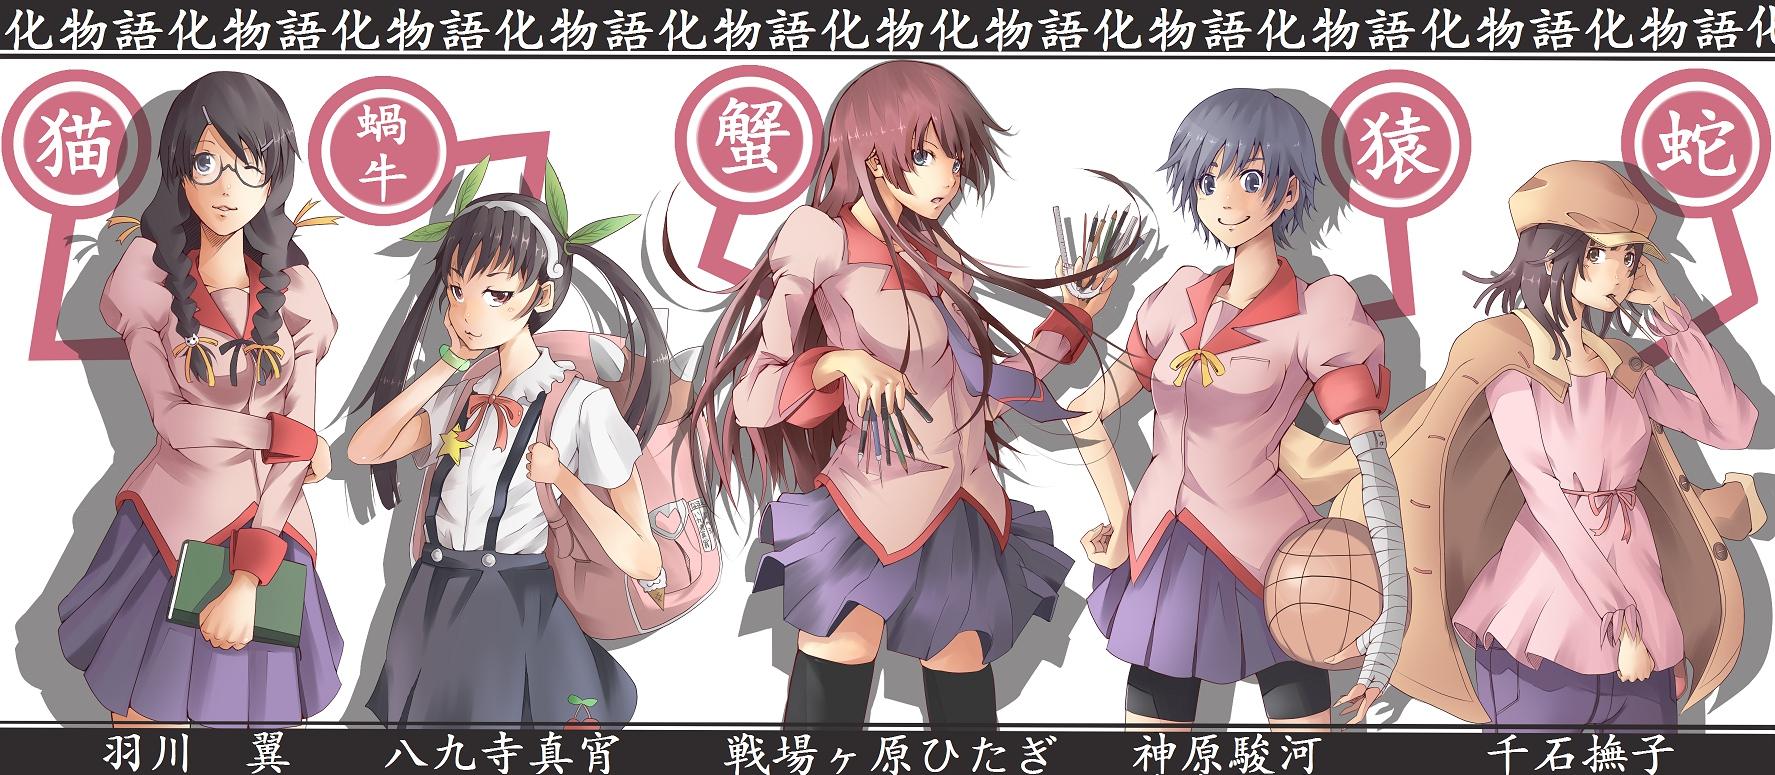 aliasing bakemonogatari hachikuji_mayoi hanekawa_tsubasa kanbaru_suruga loli monogatari_(series) sengoku_nadeko senjougahara_hitagi